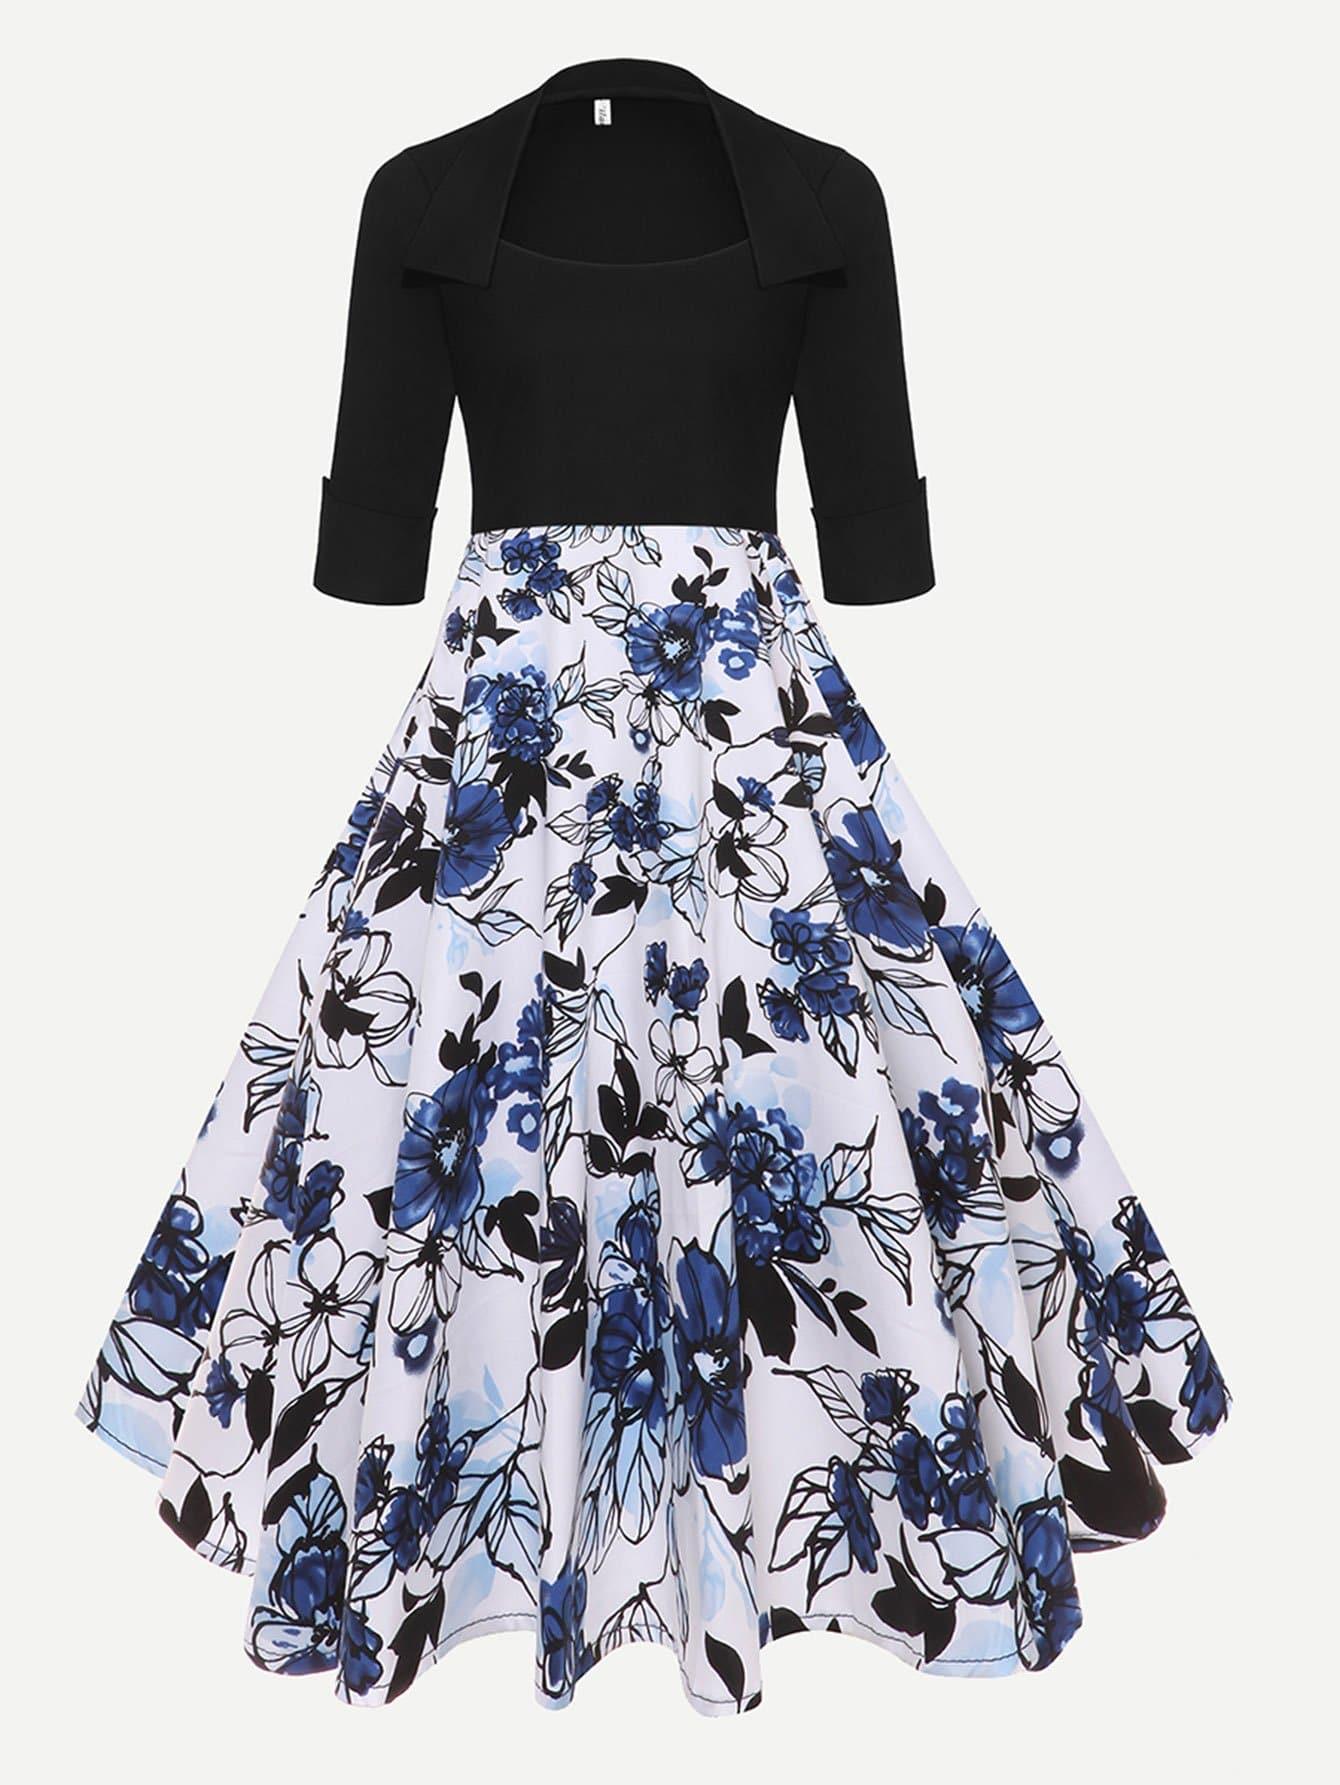 Купить Платье с кружевным вырезом из цветной печати, null, SheIn